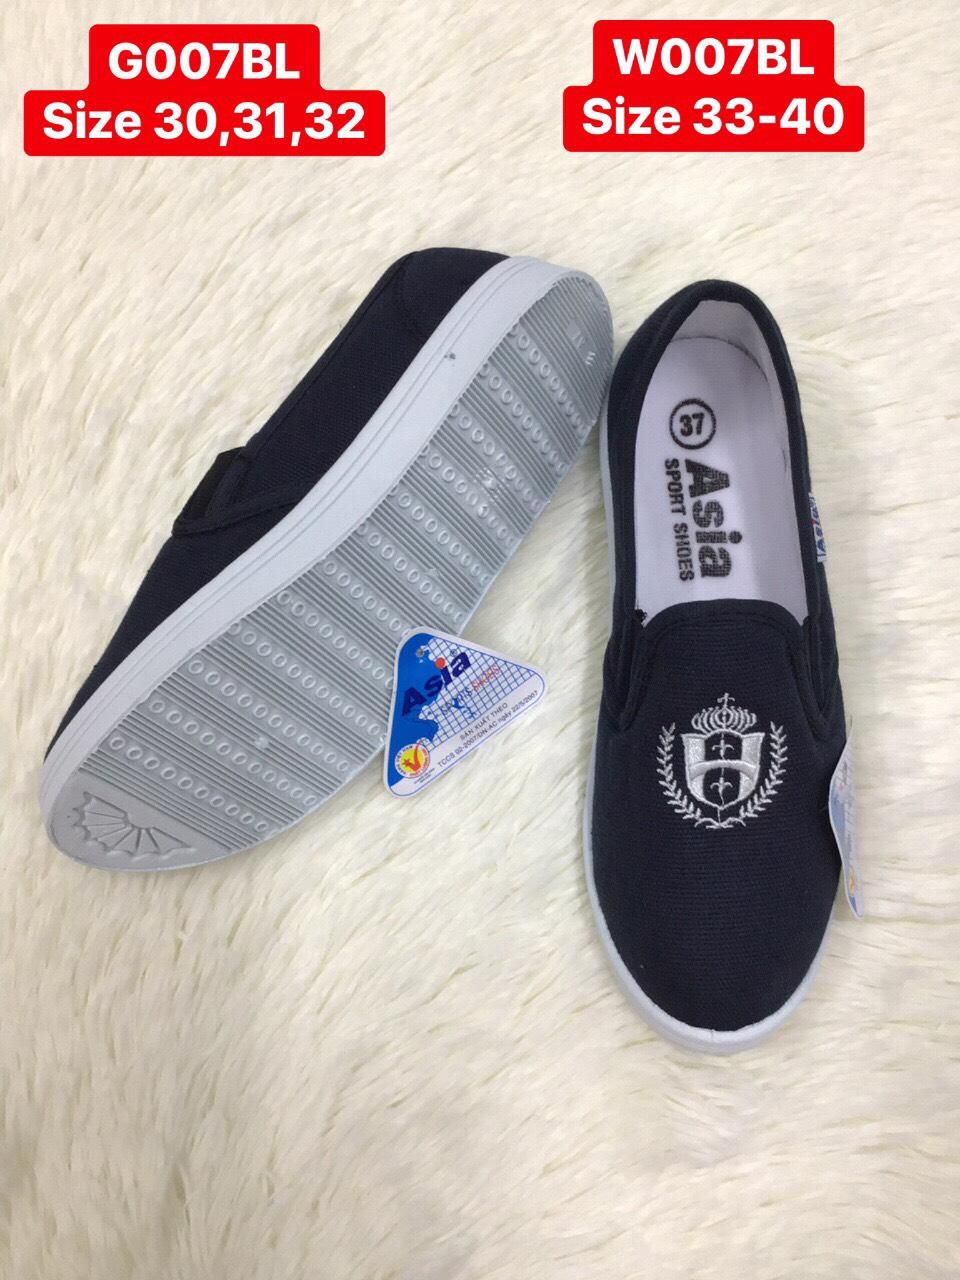 Giày vải Asia giá rẻ cho công nhân ở khu công nghiệp Tân Bình-giày asia giá rẻ nhất Hồ Chí Minh